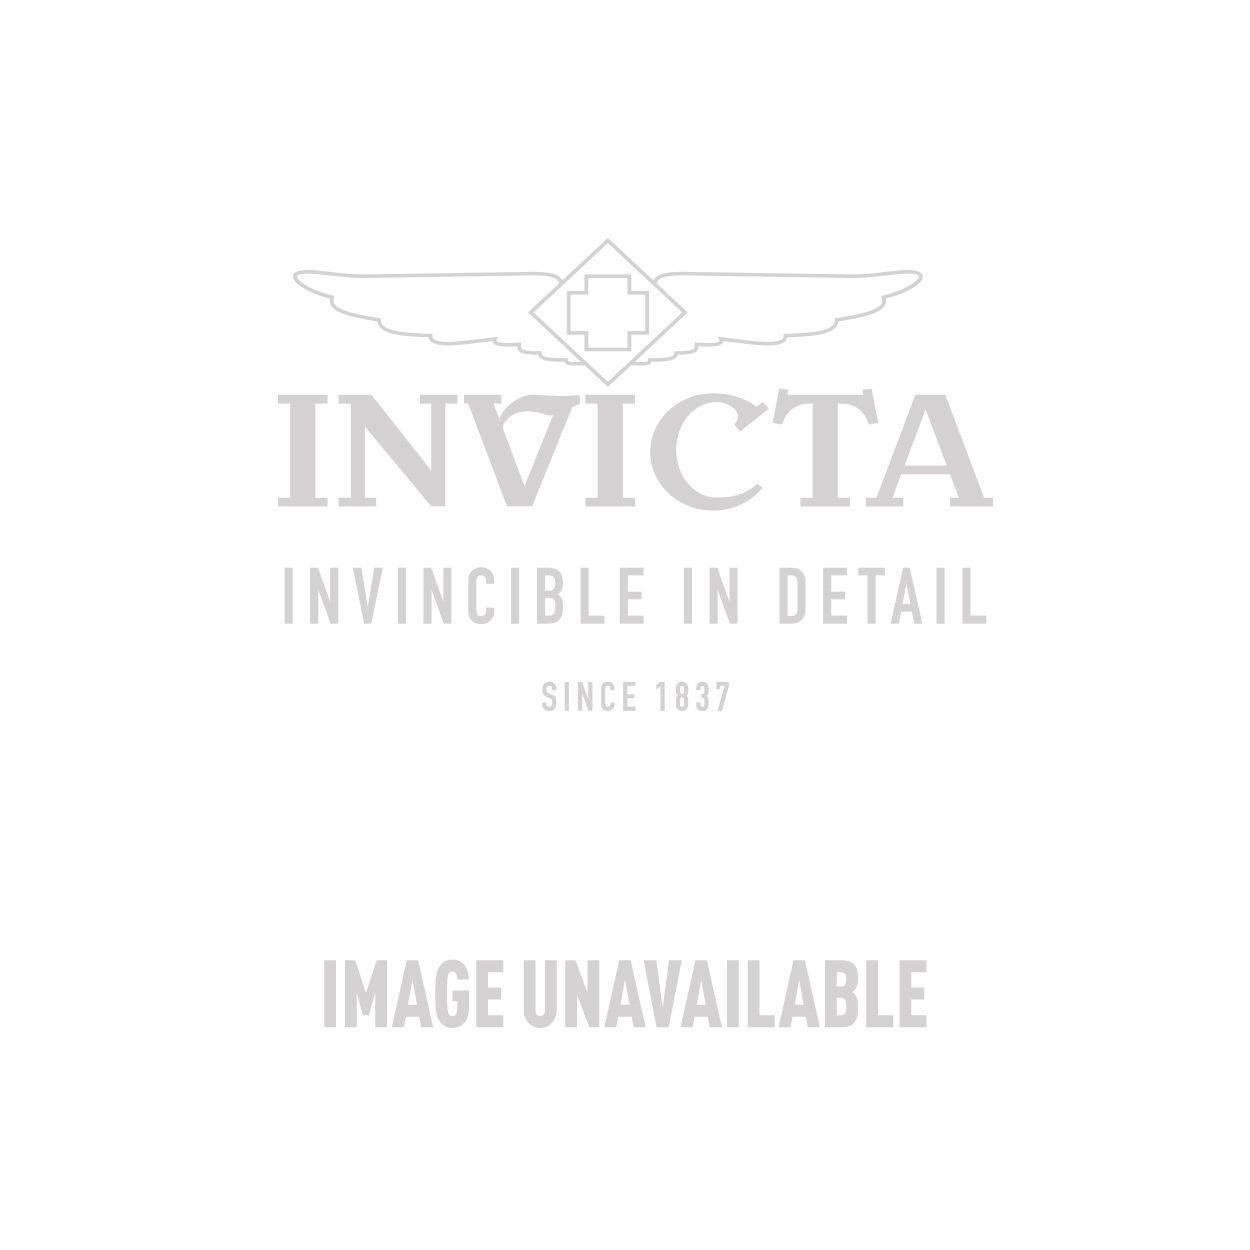 Invicta Model 28795